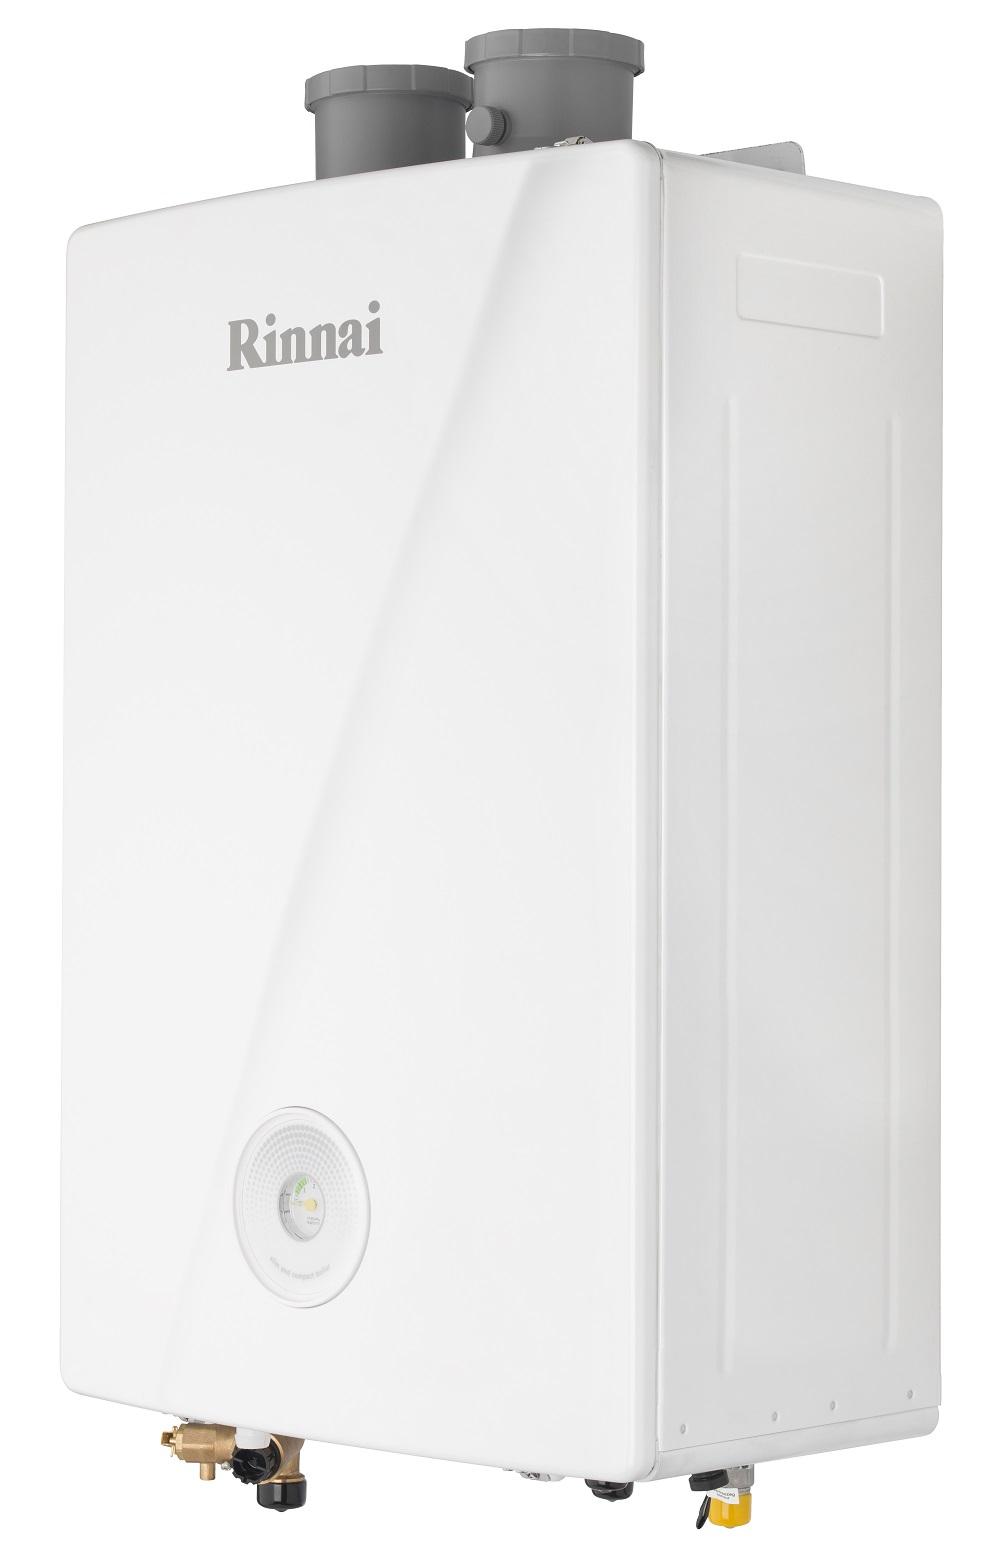 Caldaia giapponese installazione climatizzatore - Miglior scaldabagno a gas ...